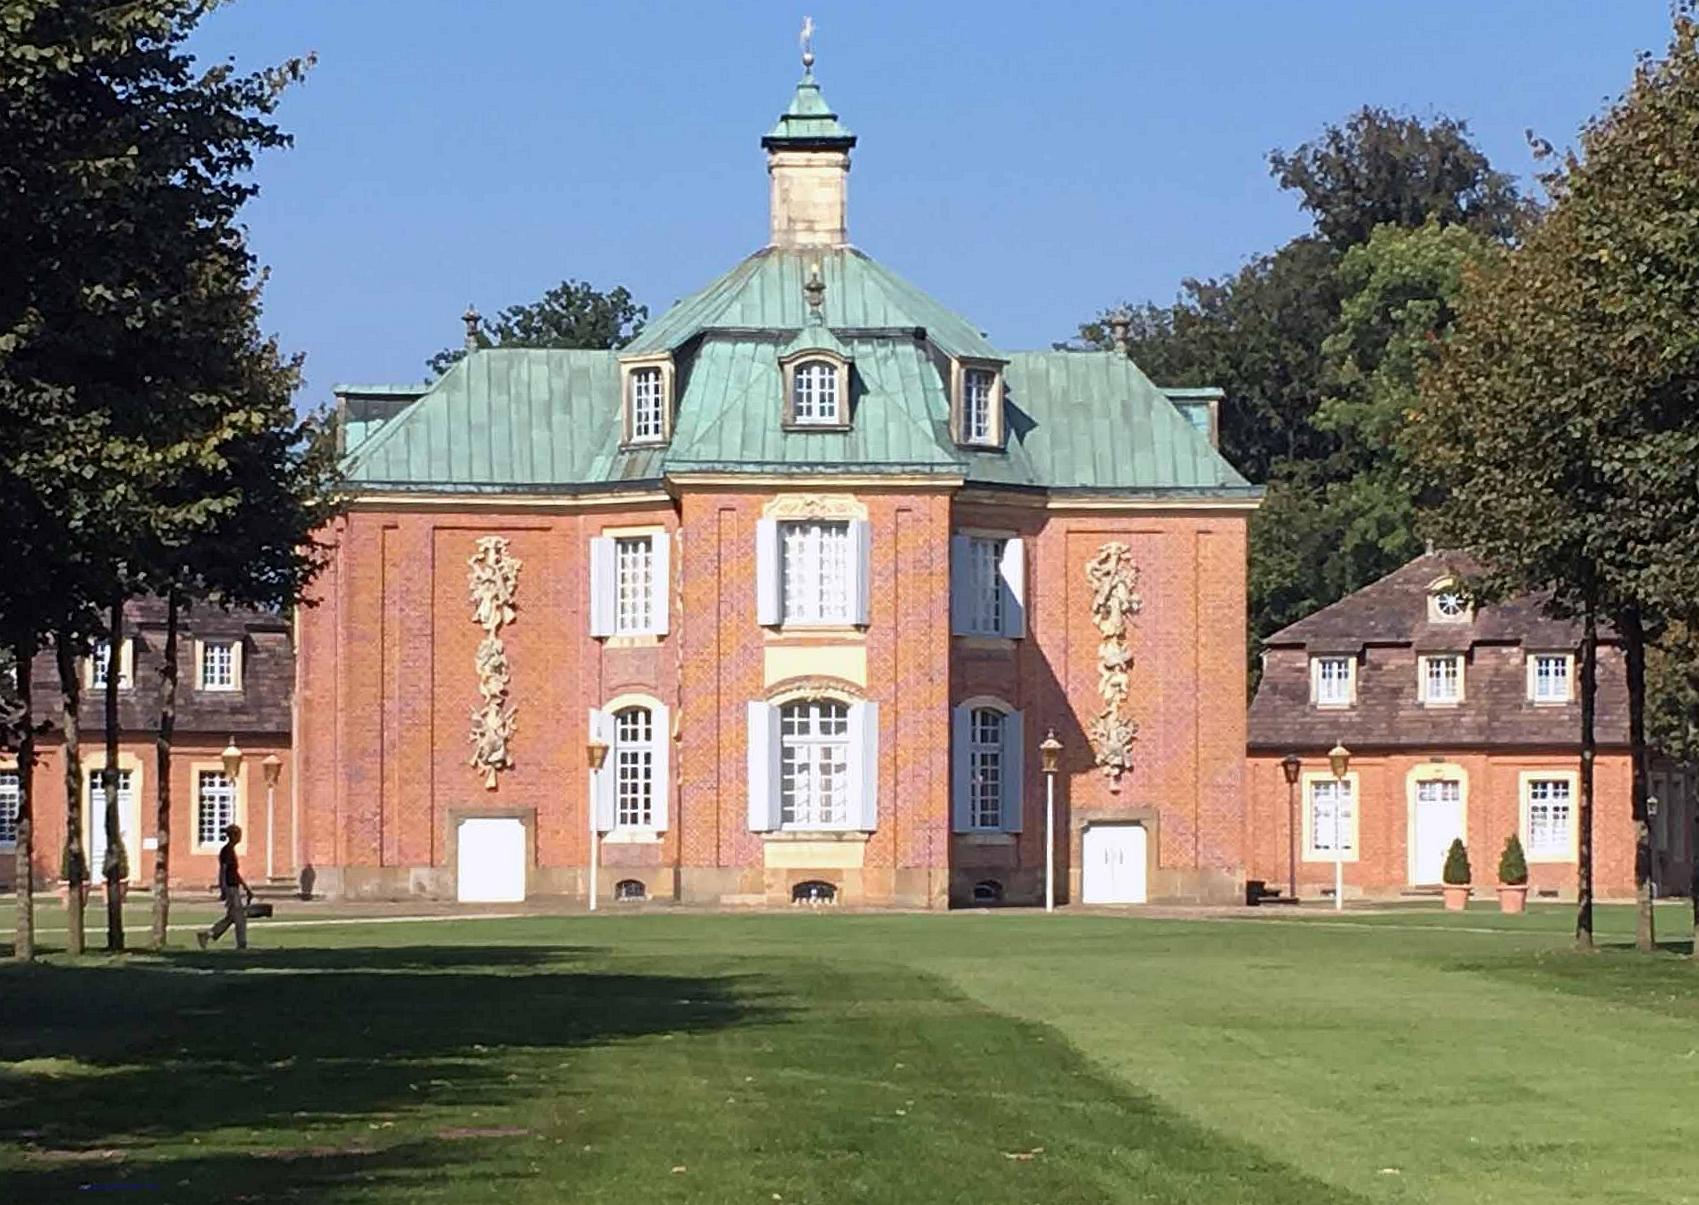 Das Schloss Clemenswerth ist ein für Clemens August I. von Bayern errichteter Jagdsitz in der Nähe des emsländischen Sögel. Foto: Weirauch